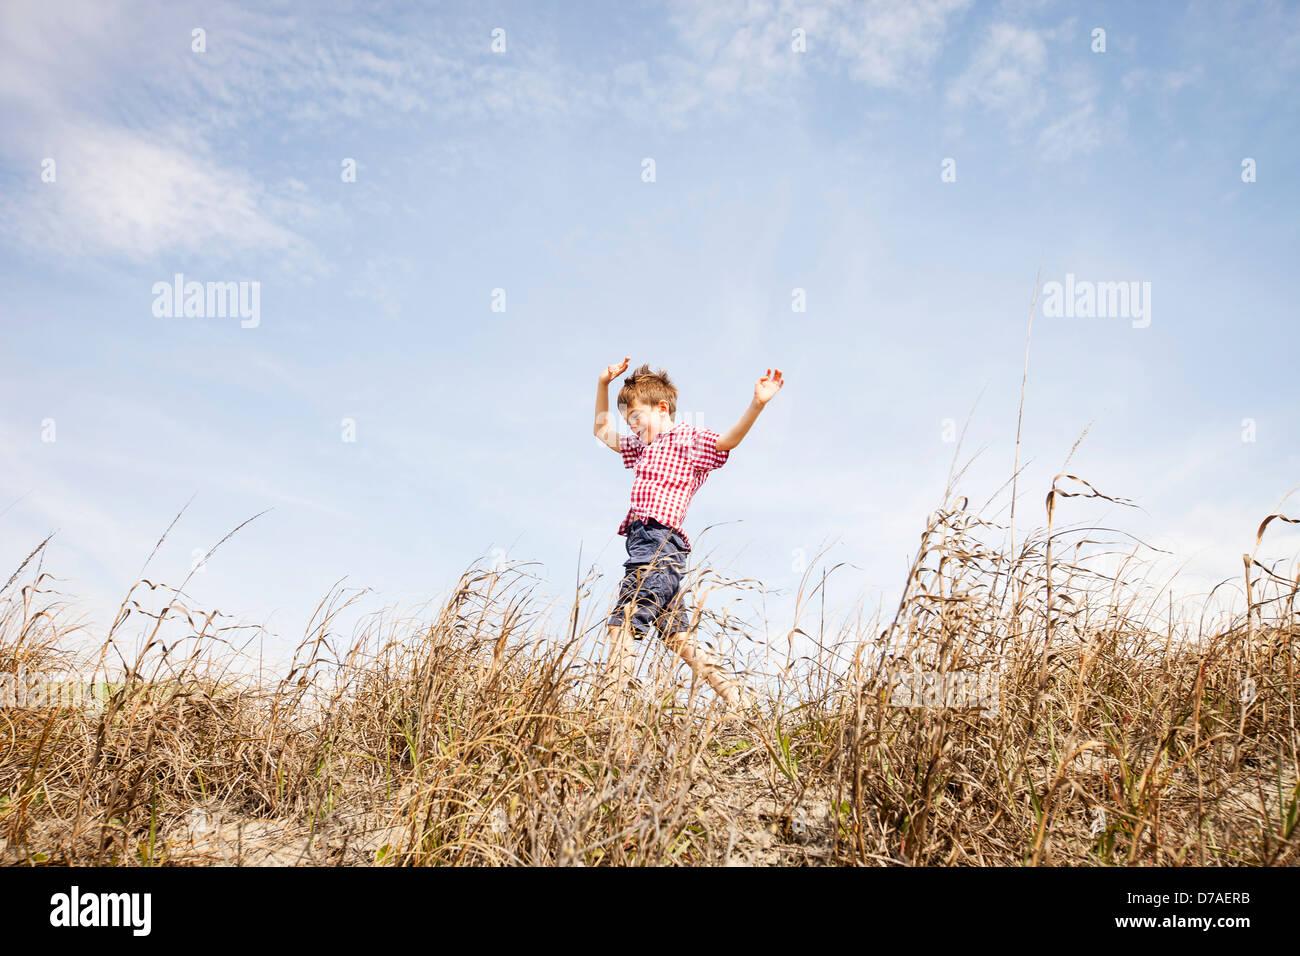 Bambino che corre attraverso le dune Immagini Stock